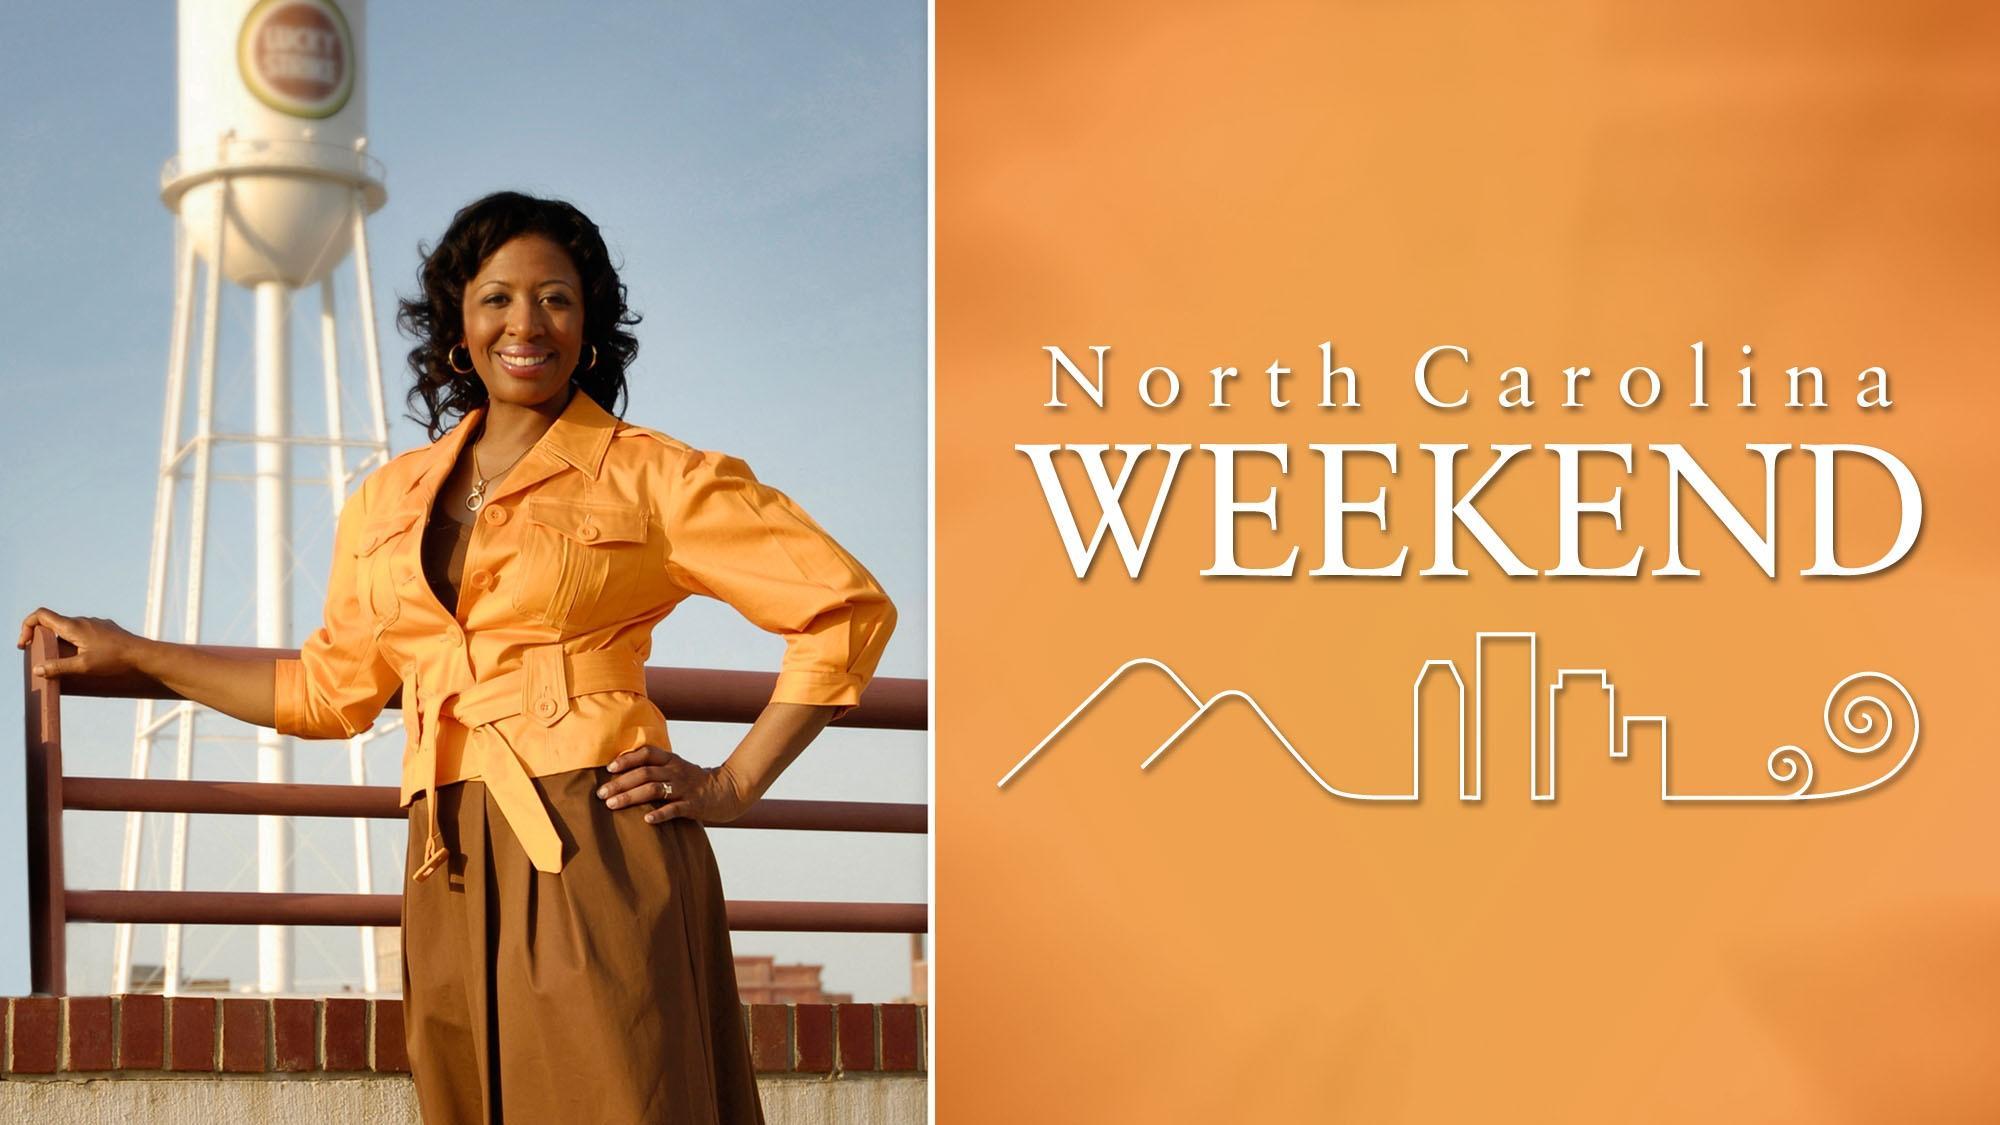 North Carolina Weekend